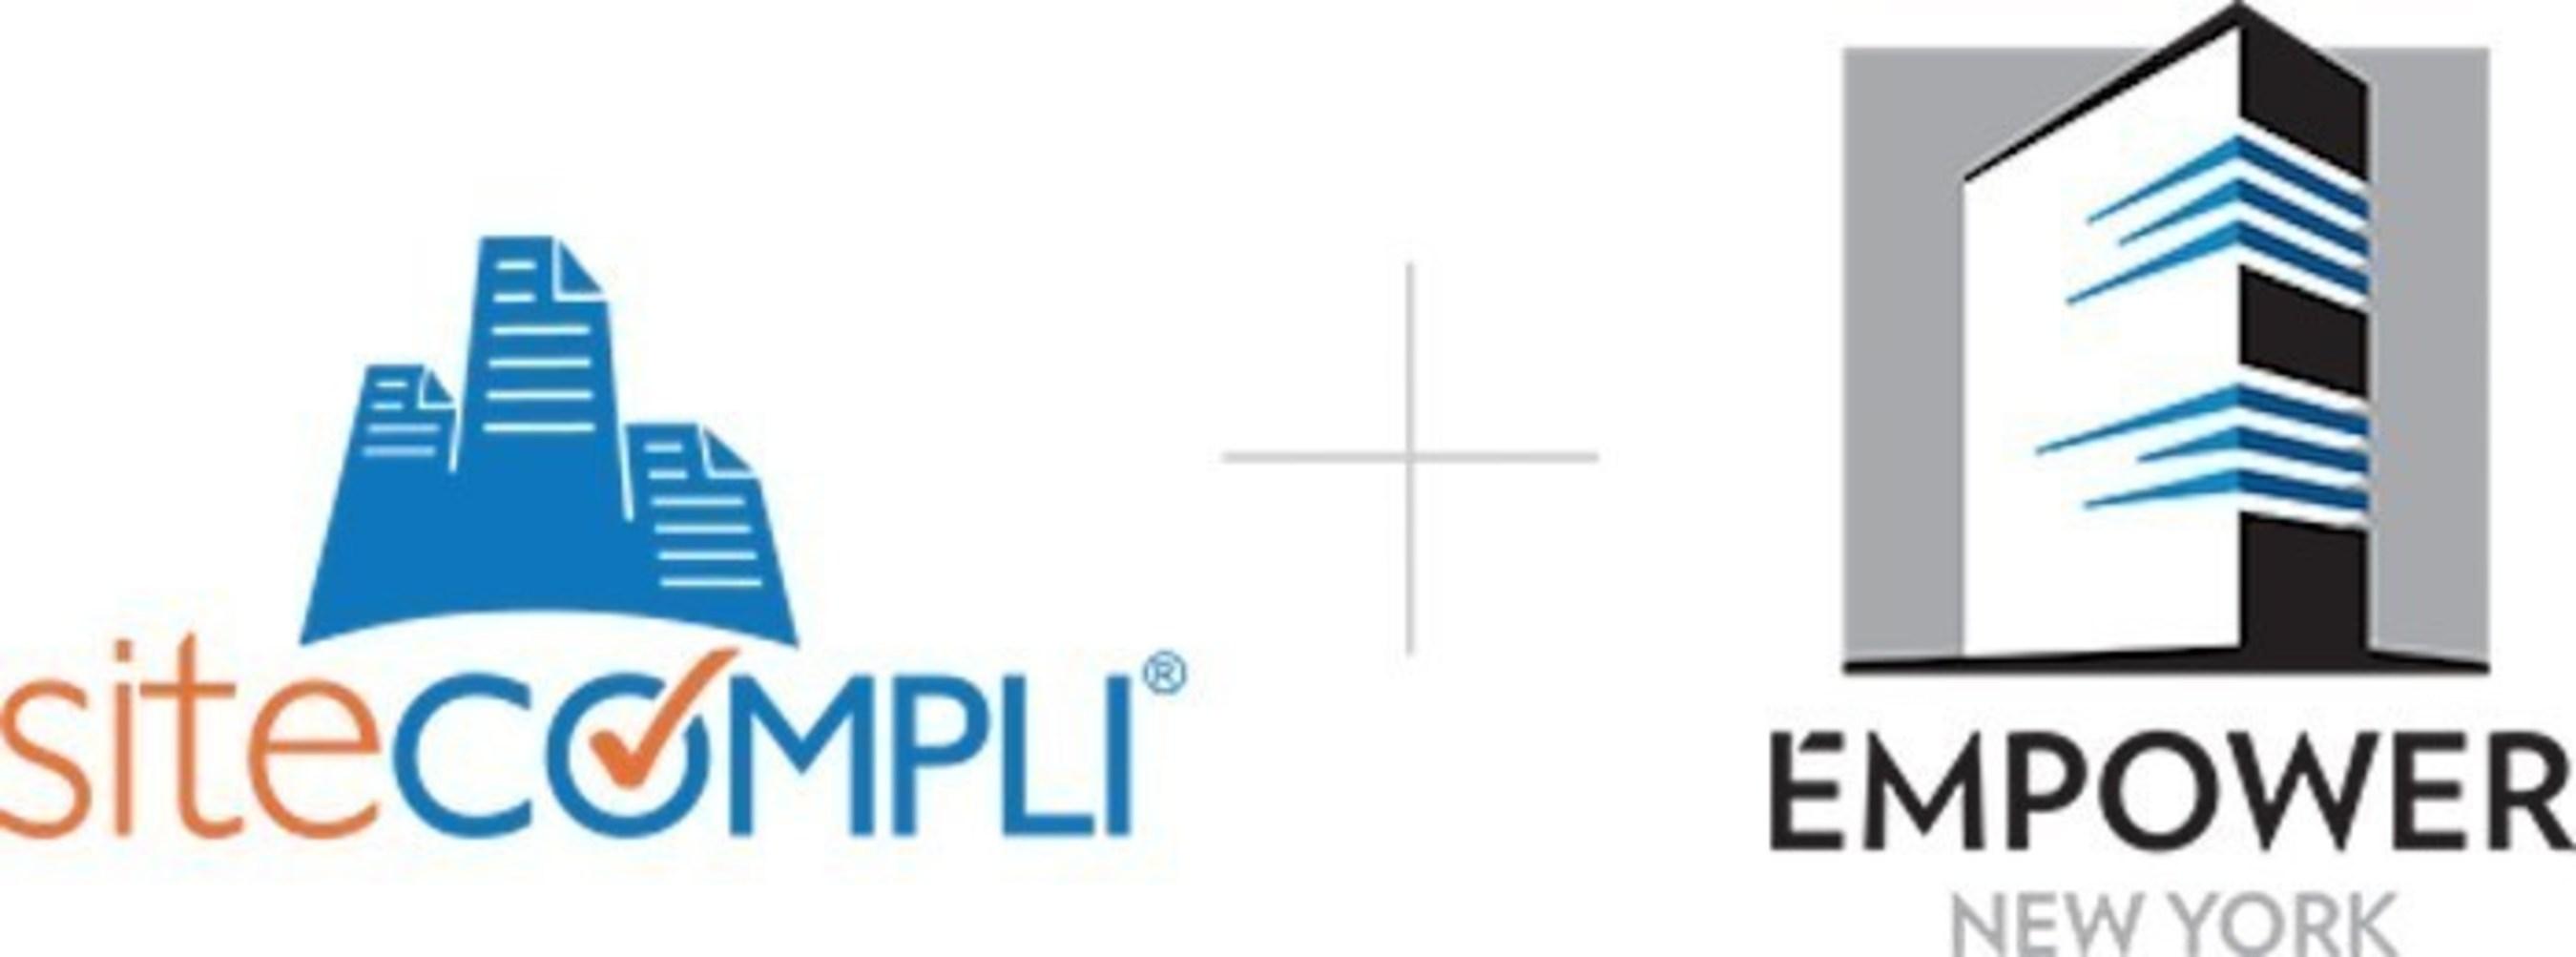 SiteCompli Announces Acquisition of EMPOWER